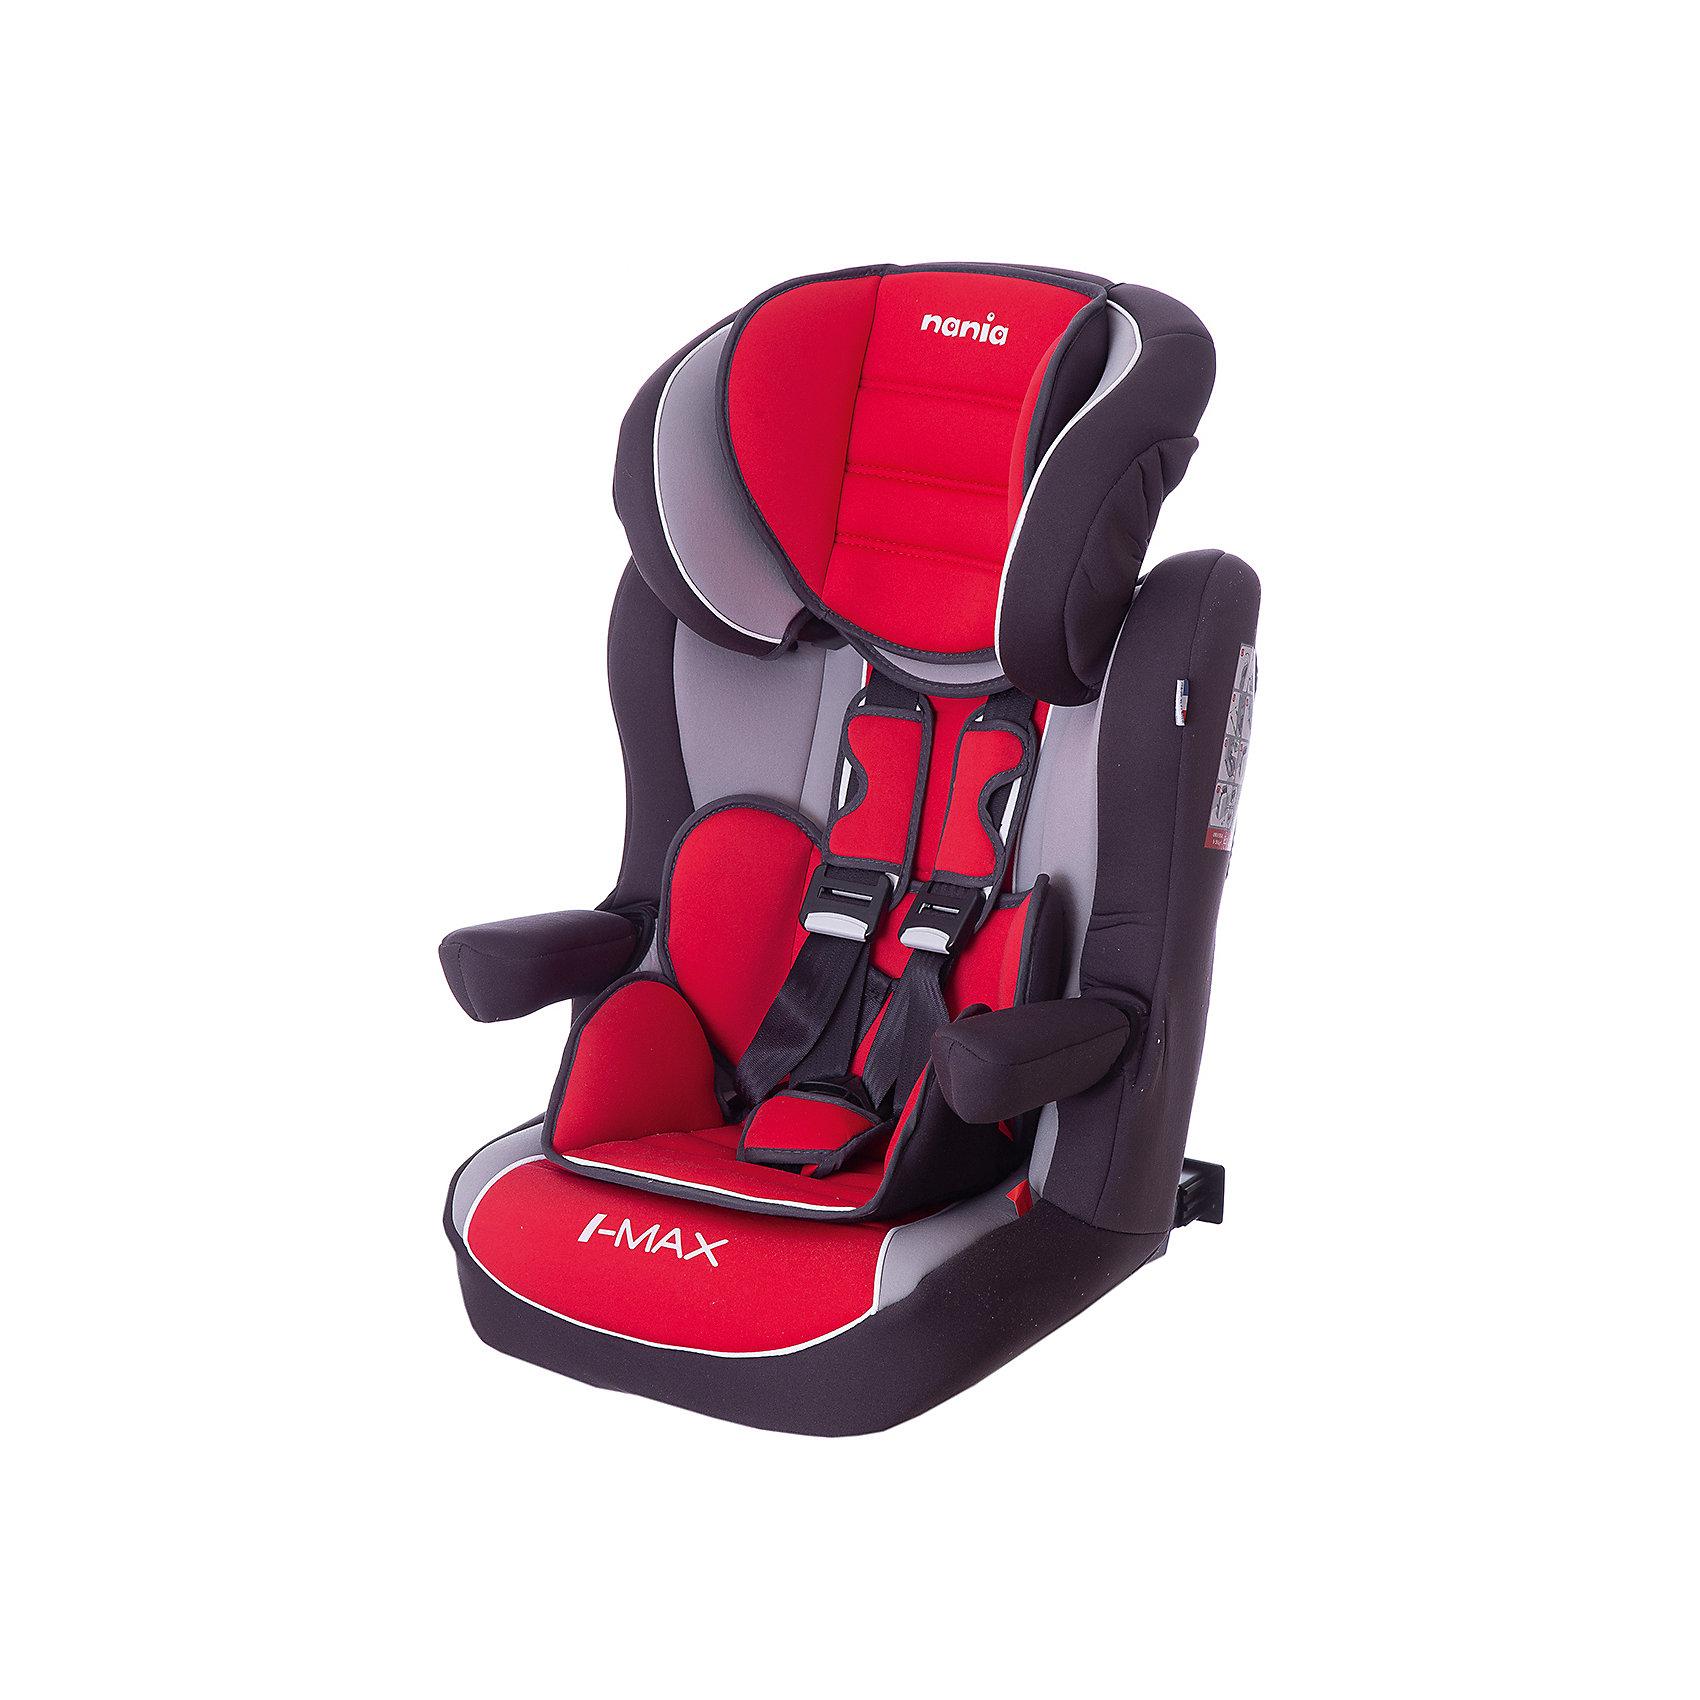 Автокресло Nania Imax SP LX Isofix, 9-36кг, agora carminГруппа 1-2-3 (От 9 до 36 кг)<br>Характеристики:<br><br>• группа: 1/2/3;<br>• вес ребенка: 9-36 кг;<br>• возраст ребенка: от 8 месяцев до 12 лет;<br>• способ установки: по ходу движения автомобиля;<br>• способ крепления: система Isofix;<br>• вкладыш для маленького ребенка, имеется встроенный мягкий подголовник;<br>• вкладыш съемный, для подросшего ребенка остается бустер со спинкой;<br>• кресло оснащено подлокотниками с мягкой обивкой;<br>• положение подлокотников можно регулировать;<br>• высота подголовника регулируется в 5-ти положениях;<br>• чехлы автокресла съемные, стираются при температуре 30 градусов;<br>• маленький ребенок фиксируется встроенными 5-ти точечными ремнями автокресла, подросший малыш – 3-х точечными ремнями безопасности автомобиля;<br>• усиленная боковая защита SP - Side Protection;<br>• материал: пластик, полиэстер;<br>• размеры автокресла: 454х45х88 см;<br>• вес автокресла: 4,7 кг;<br>• стандарт безопасности: ECE R44/04.<br><br>Автокресло Imax SP LX Isofix, 9-36кг, Nania, agora carmin можно купить в нашем интернет-магазине.<br><br>Ширина мм: 450<br>Глубина мм: 500<br>Высота мм: 710<br>Вес г: 4530<br>Возраст от месяцев: 8<br>Возраст до месяцев: 144<br>Пол: Унисекс<br>Возраст: Детский<br>SKU: 5569341